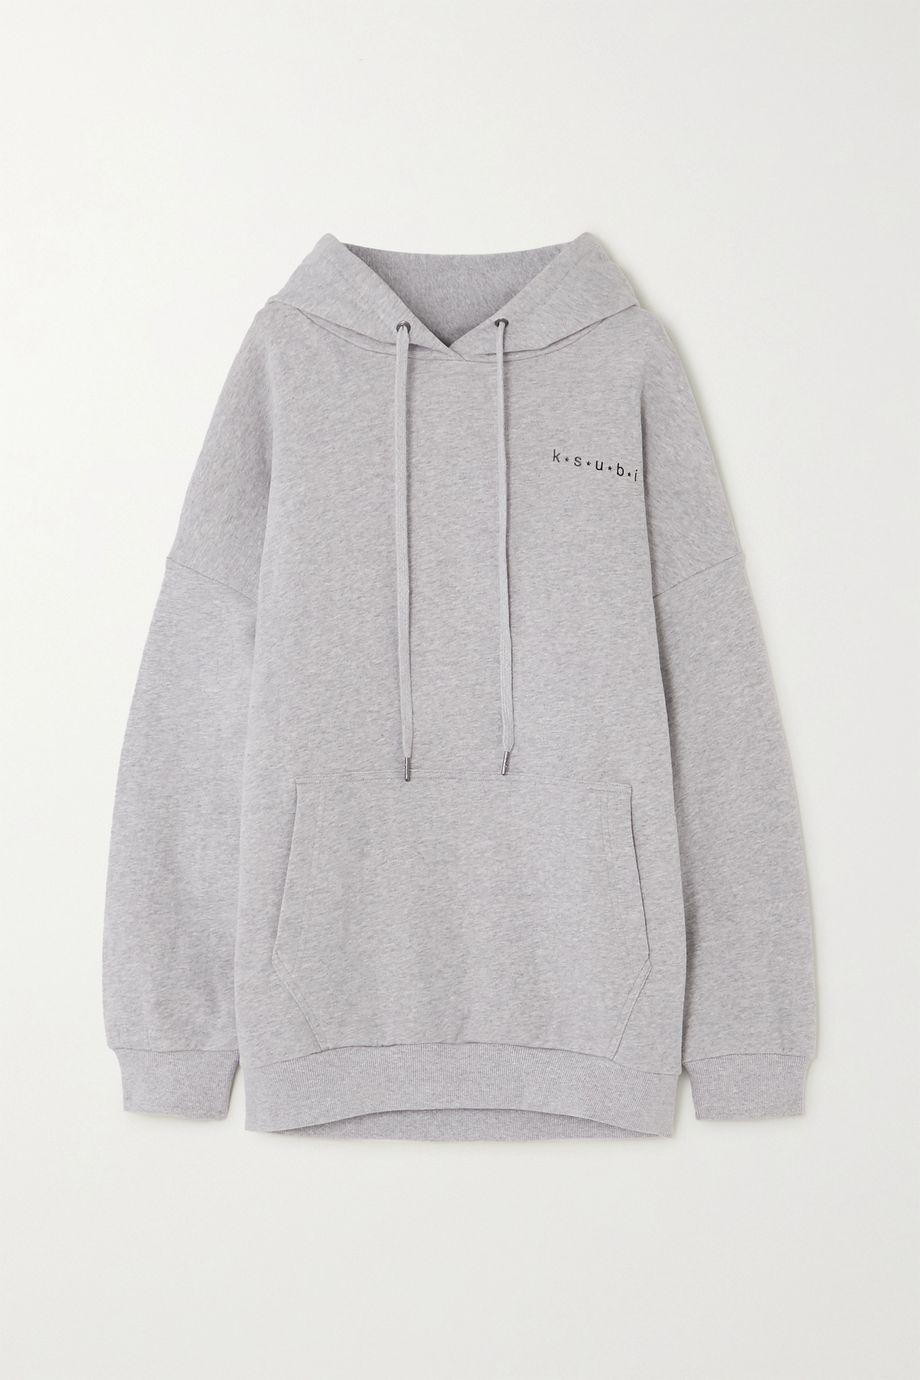 Ksubi 4 Star printed cotton-jersey hoodie